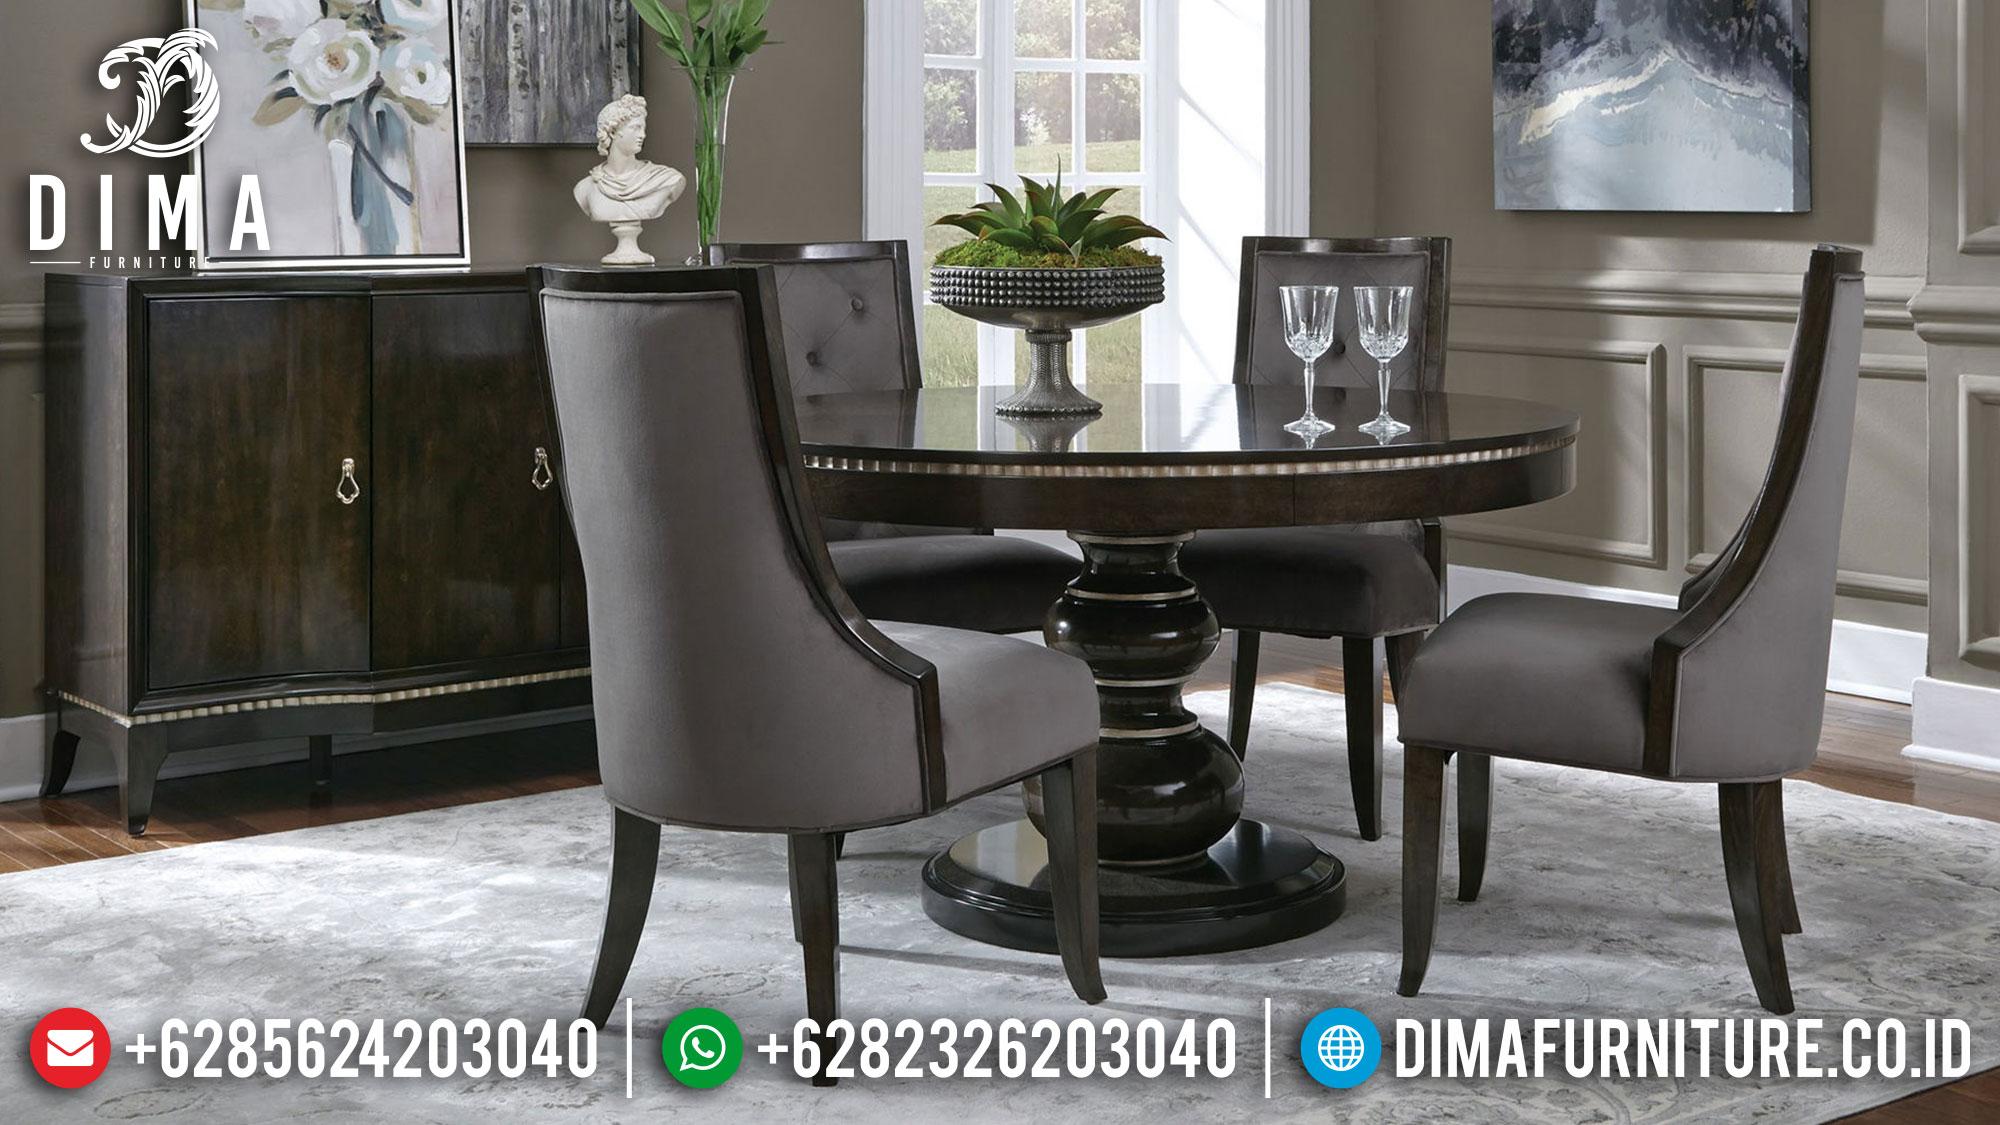 Jual Meja Makan Minimalis Modern New Design Natural Classic Jepara TTJ-1366